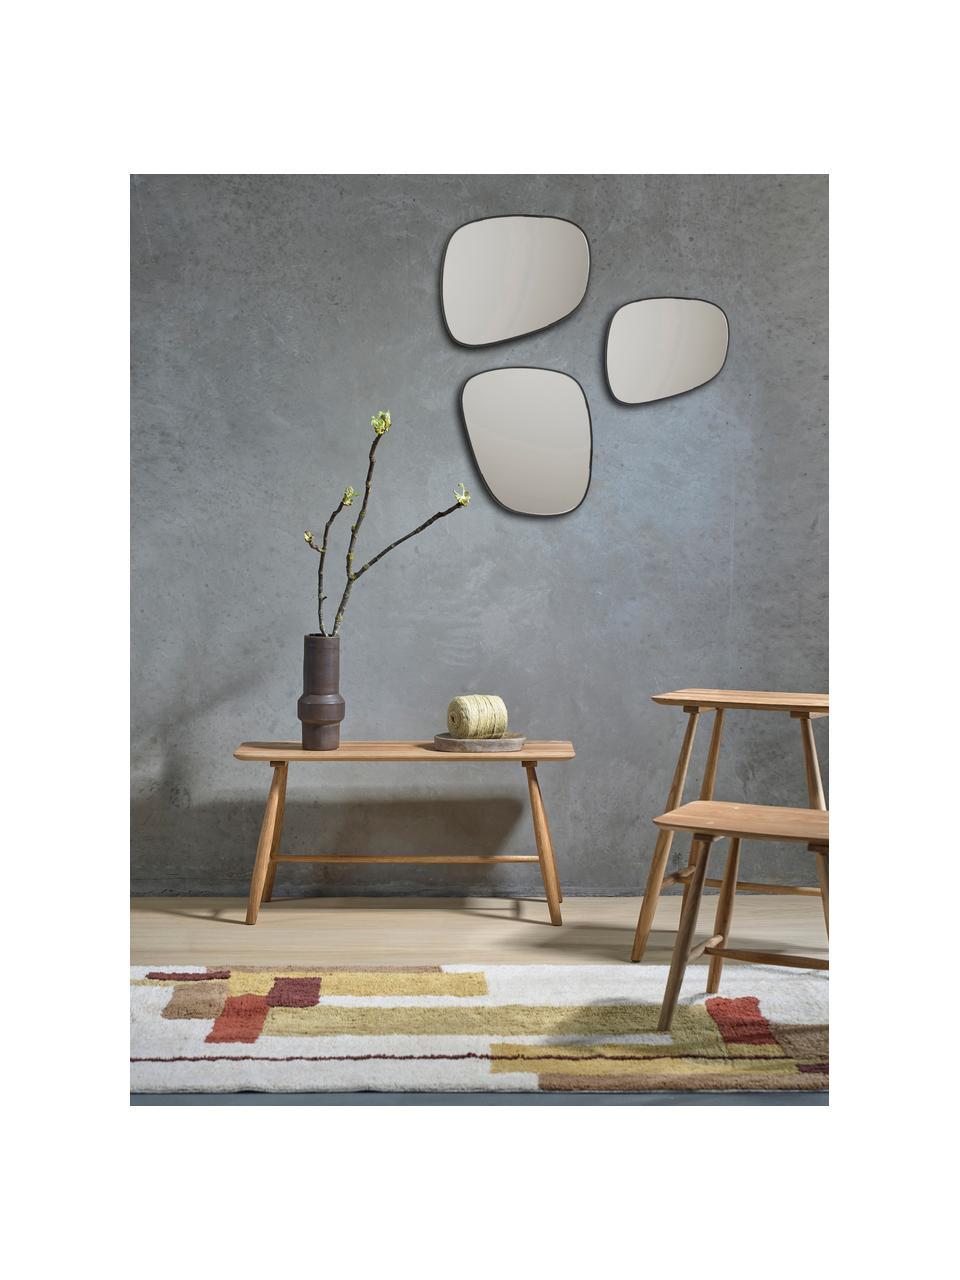 Moderner Wandspiegel Tony mit Metallrahmen, Rahmen: Metall, beschichtet, Spiegelfläche: Spiegelglas, Schwarz, 40 x 33 cm